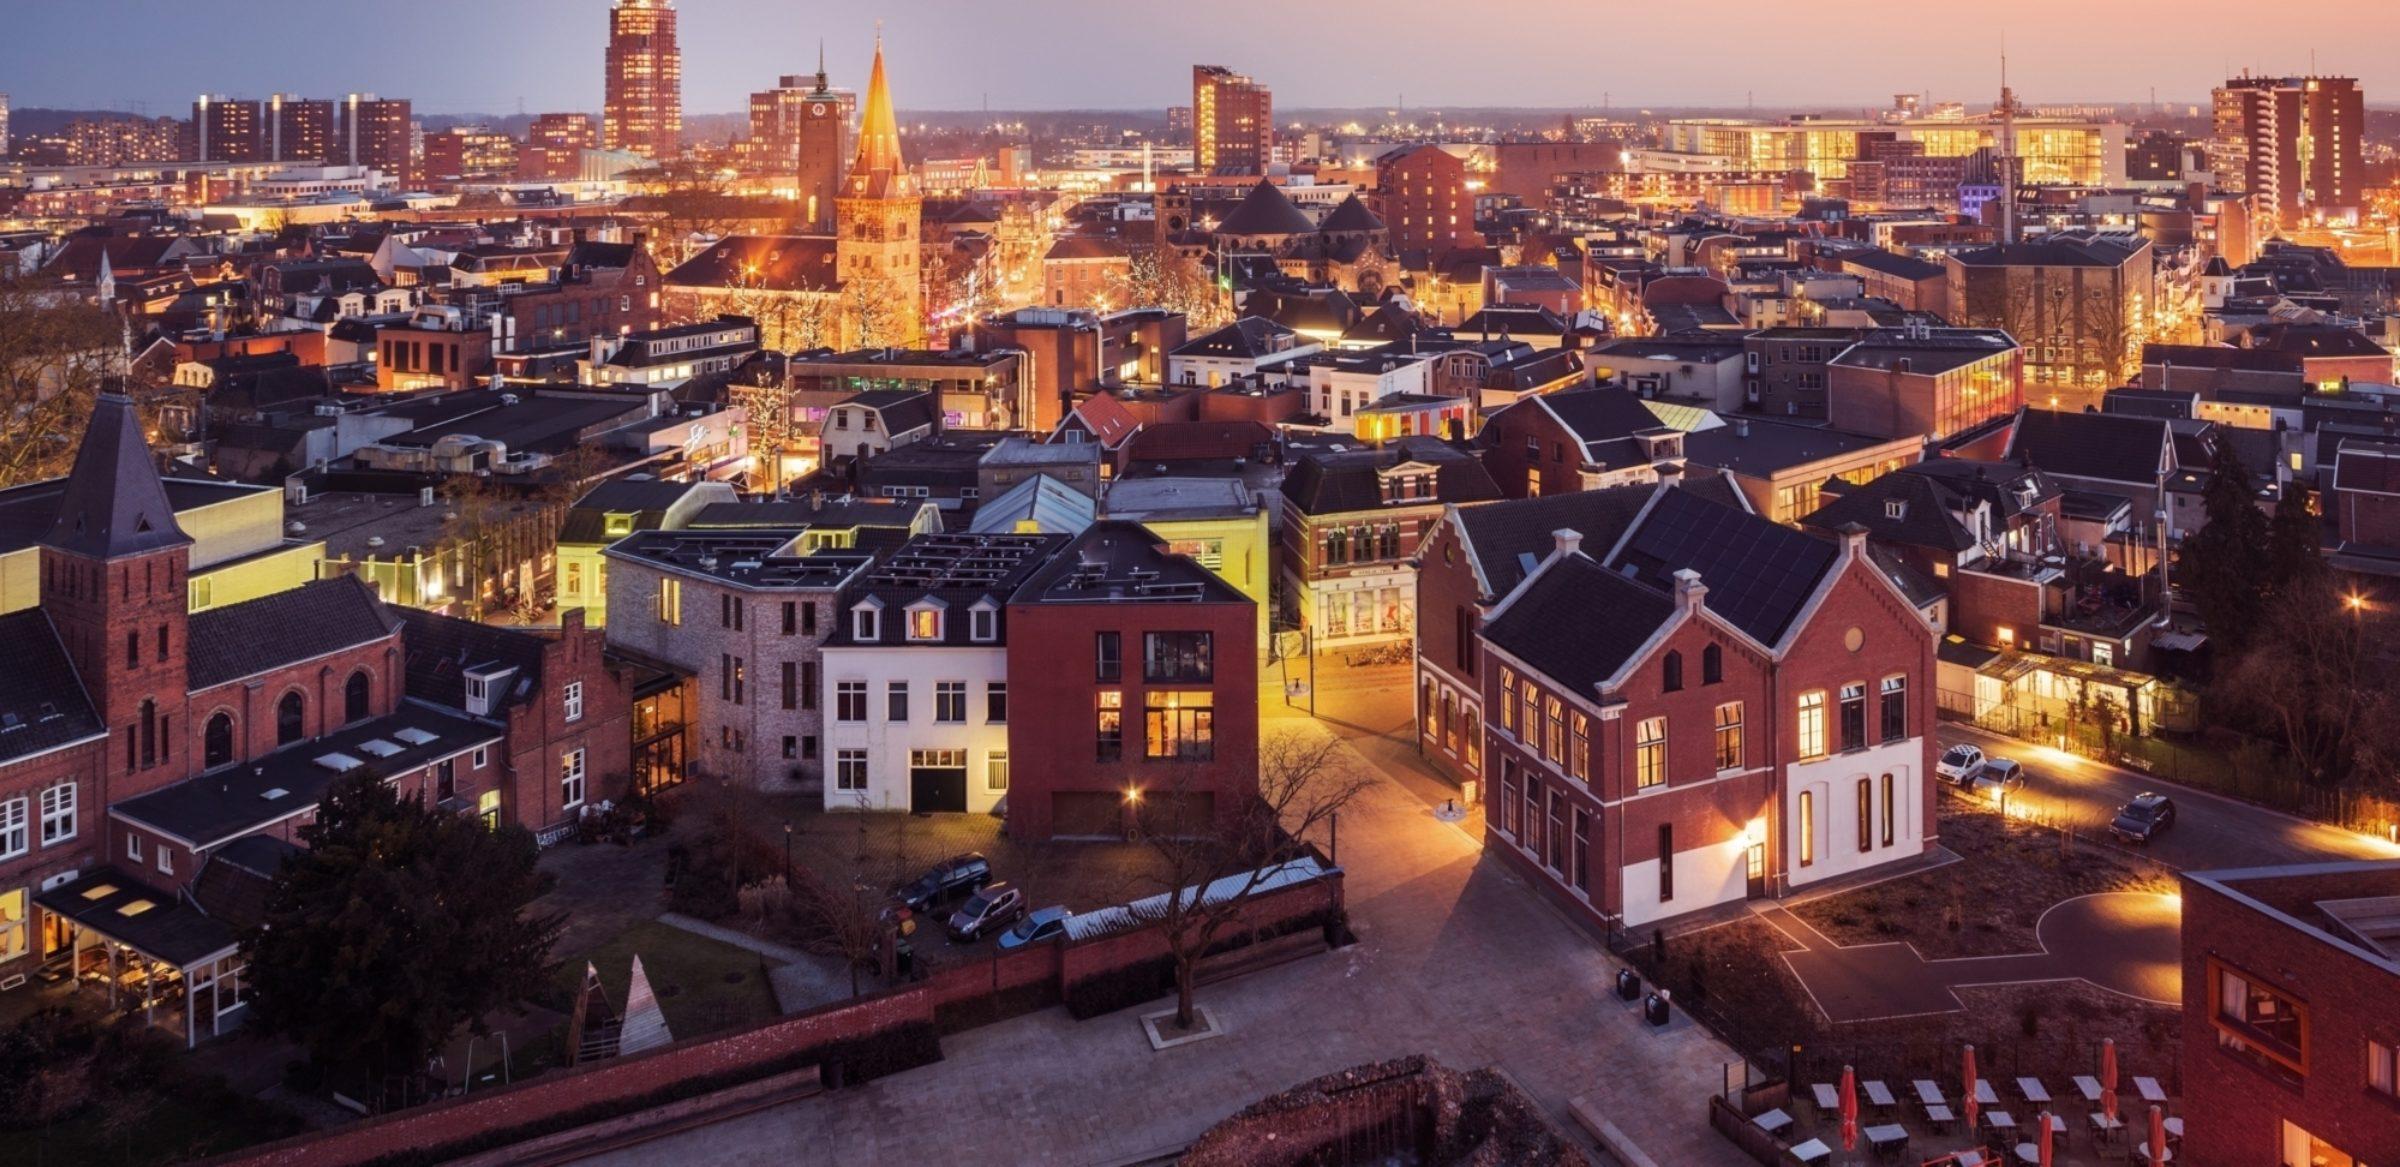 Übernachten in Enschede